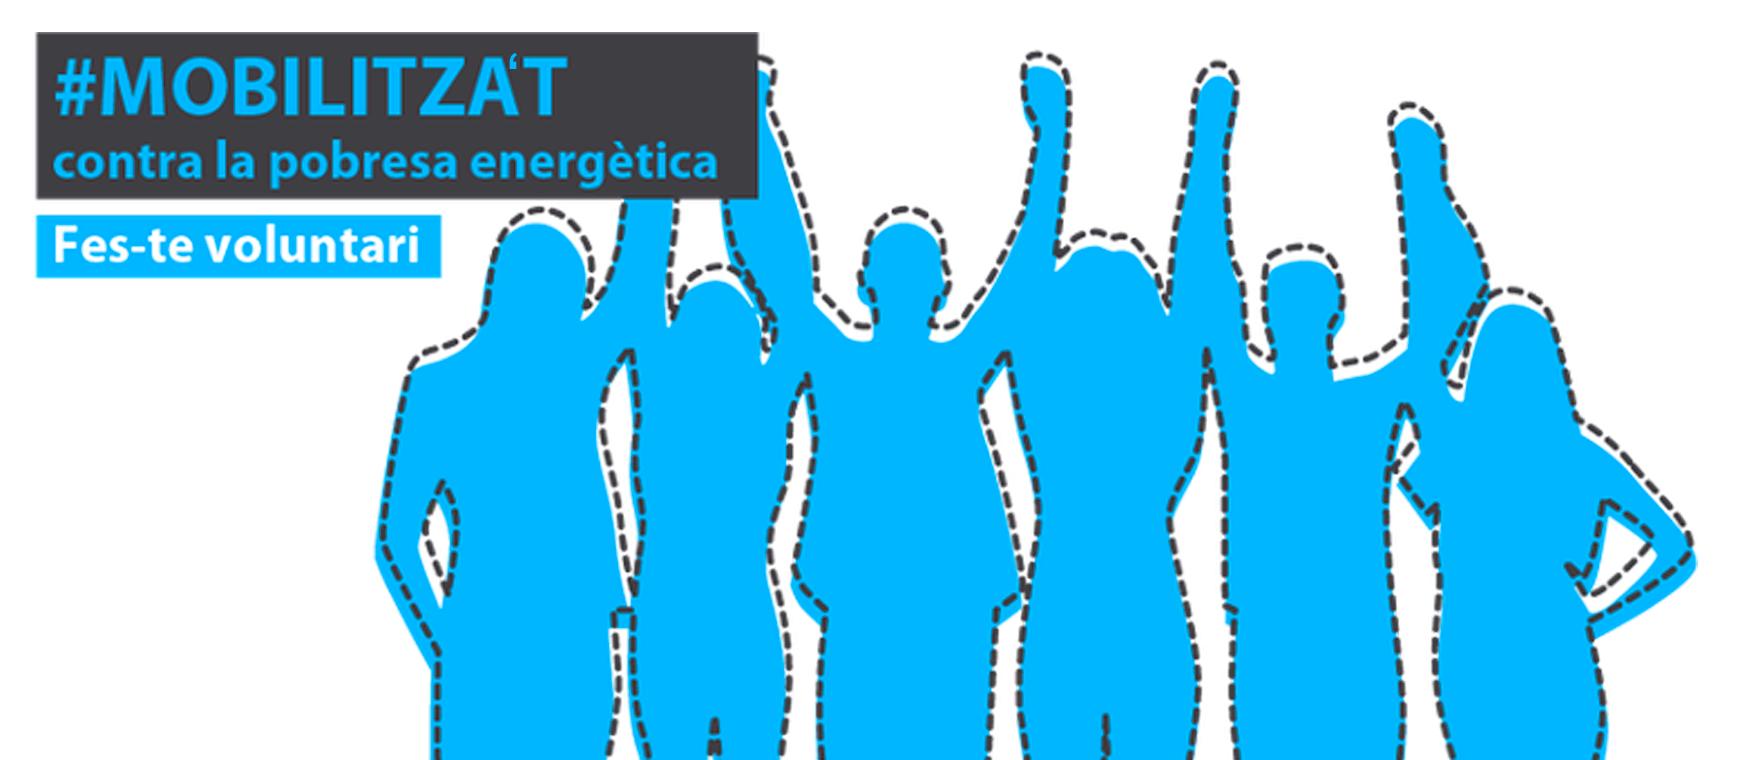 El programa Energia Justa obre les inscripcions a una formació de voluntariat contra la pobresa energètica